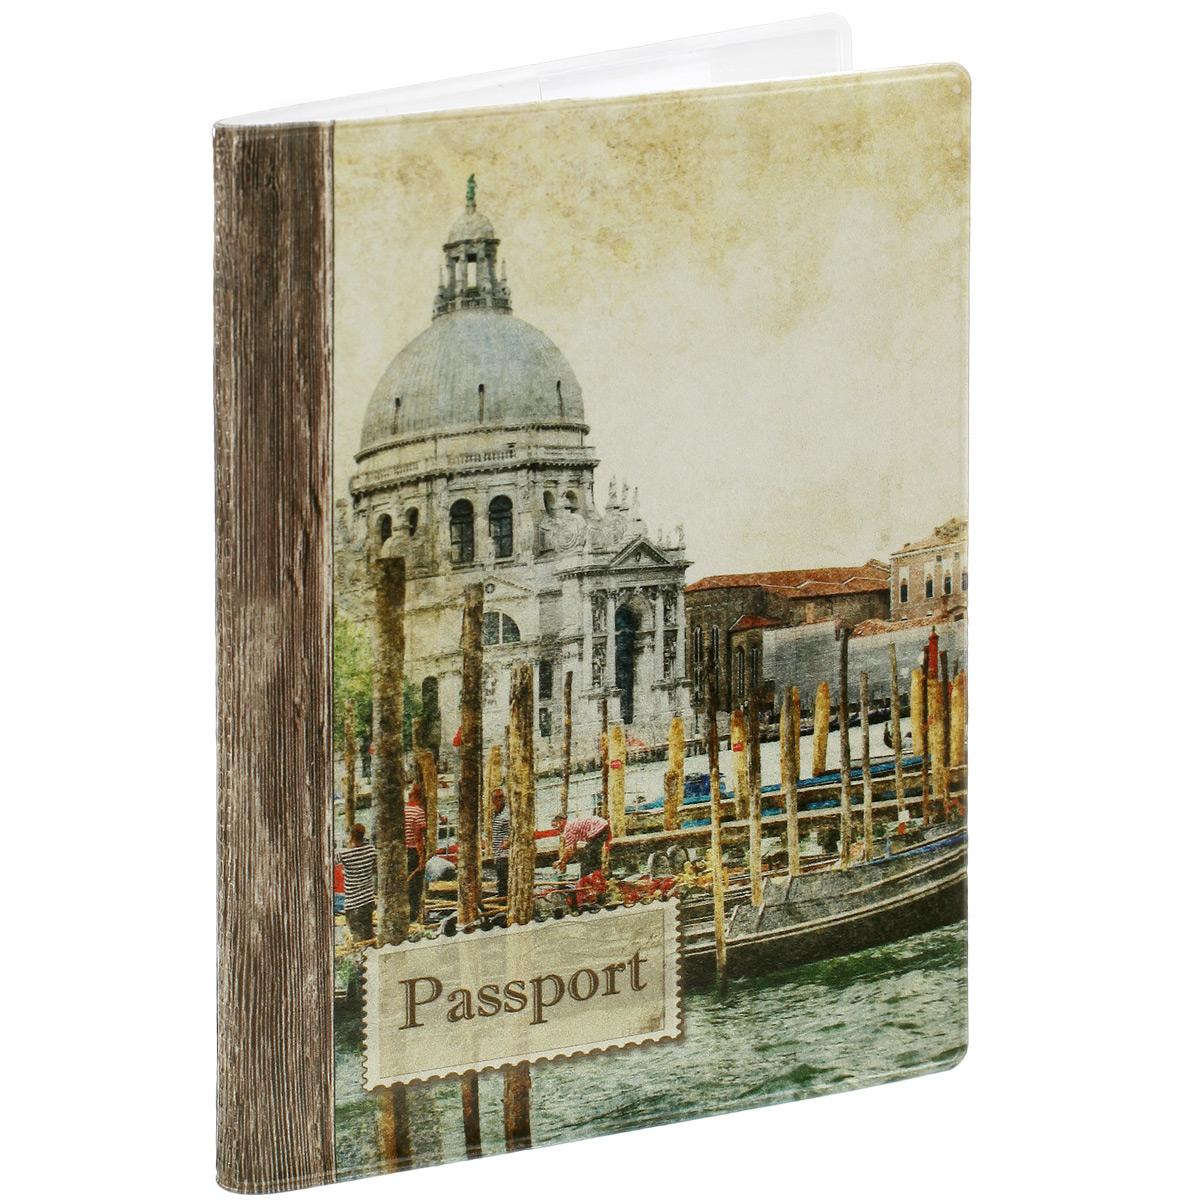 Обложка для паспорта Венеция, цвет: бежевый. 34038980Обложка для паспорта Венеция не только поможет сохранить внешний вид ваших документов и защитить их от повреждений, но и станет стильным аксессуаром, идеально подходящим вашему образу. Обложка выполнена из поливинилхлорида и оформлена оригинальным изображением достопримечательностей Венеции. Внутри имеет два вертикальных кармана из прозрачного пластика. Такая обложка поможет вам подчеркнуть свою индивидуальность и неповторимость!